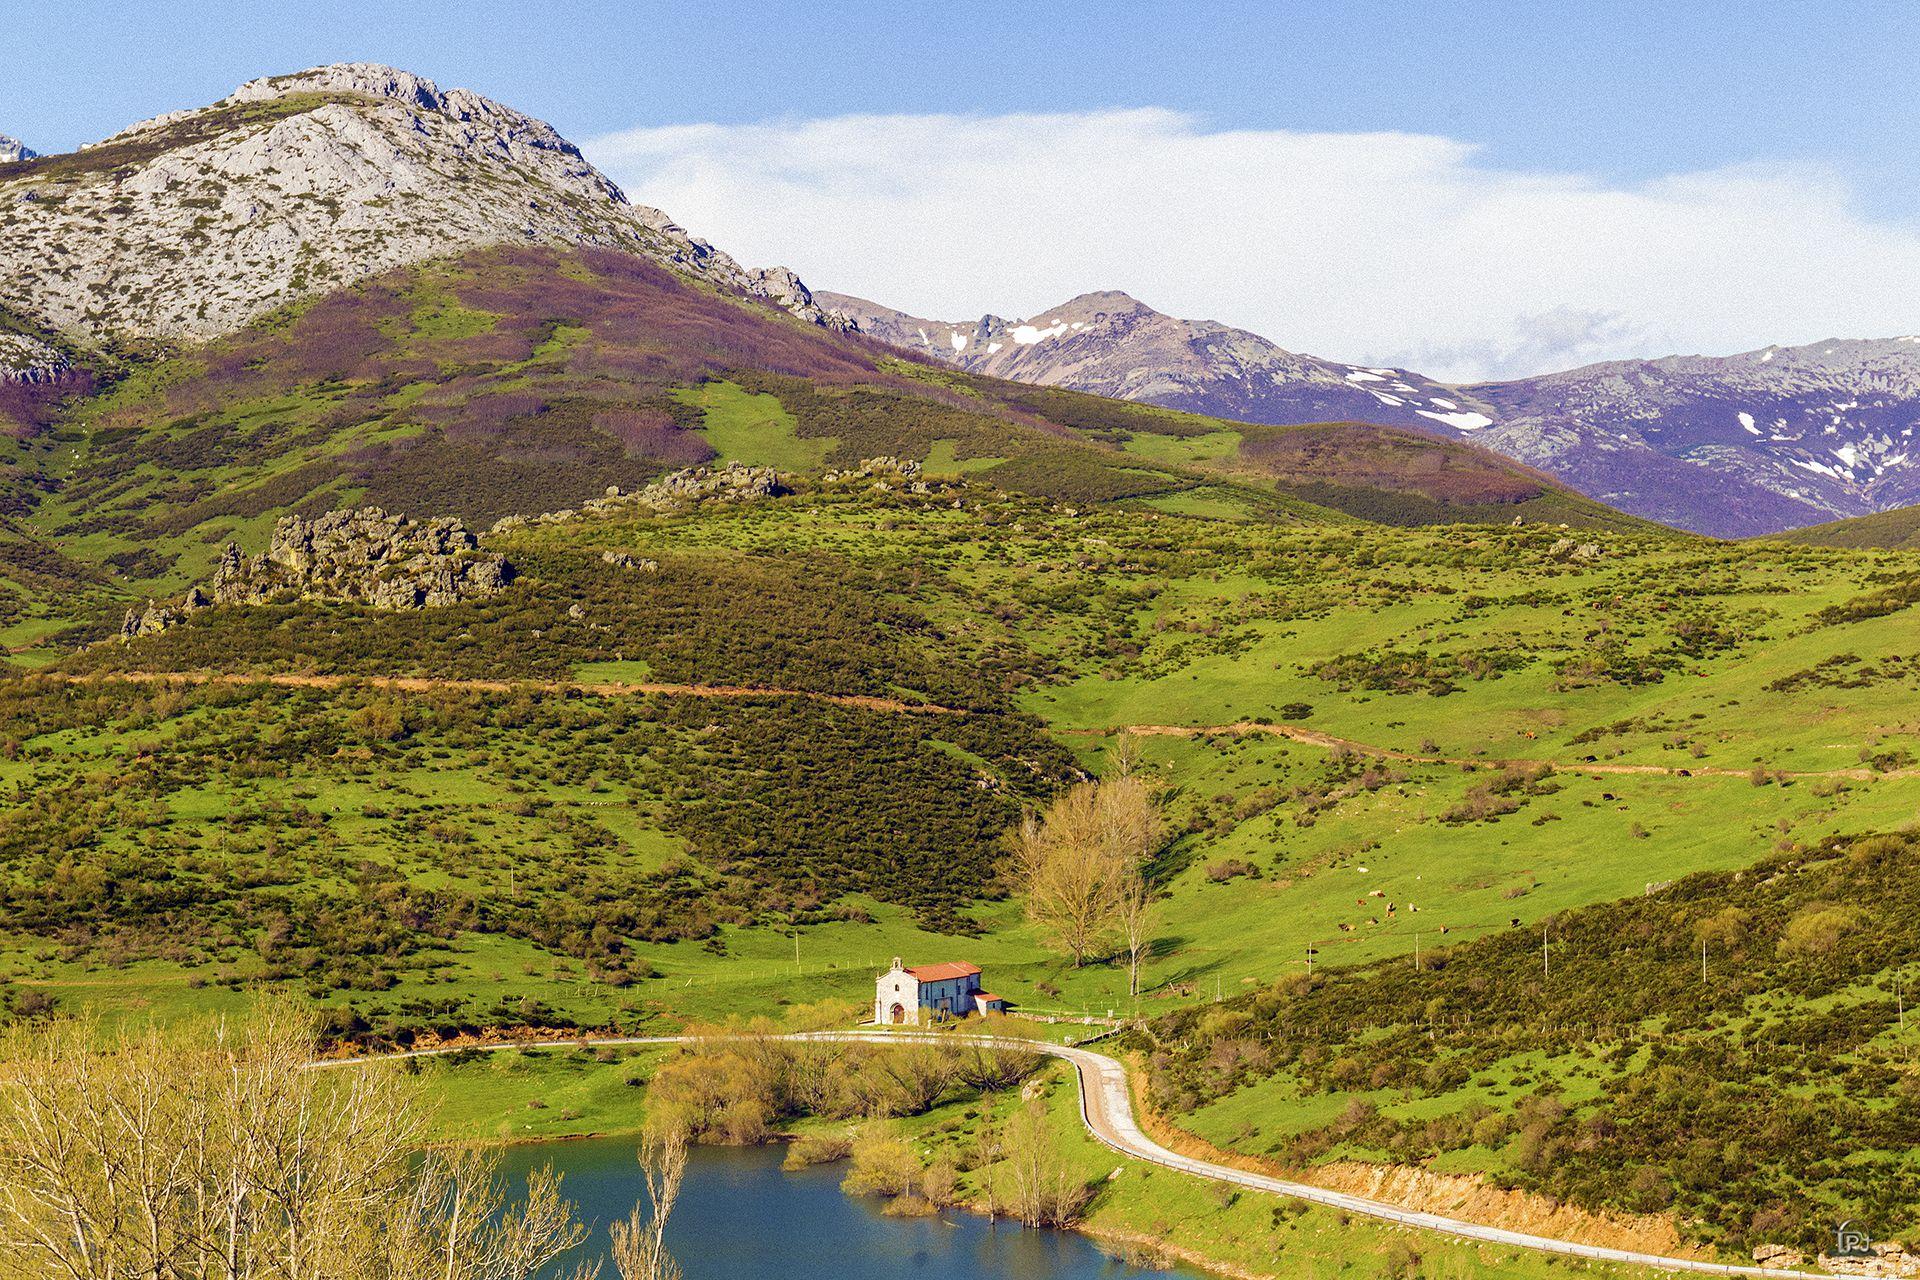 Alba De Los Cardaños Montaña Palentina España Parques Naturales San Salvador Montañas